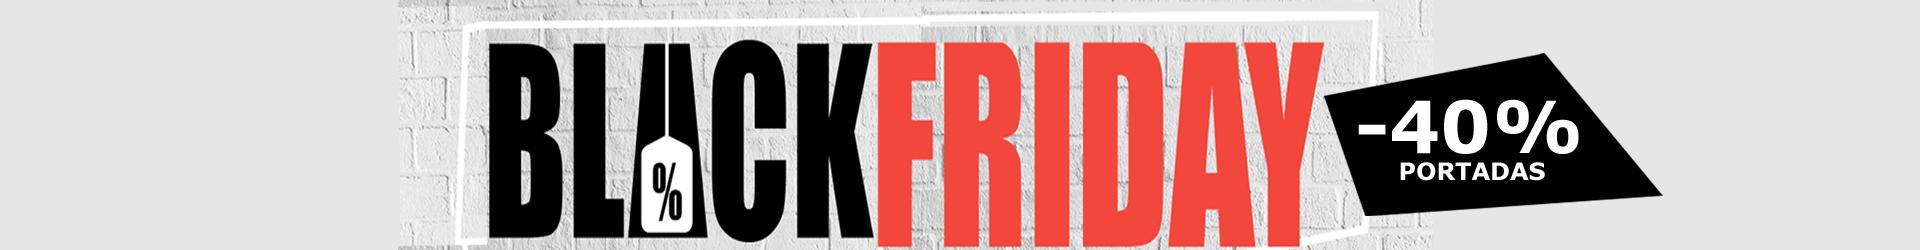 Del 19 al 25 disfruta del 40% de descuento por Black Friday